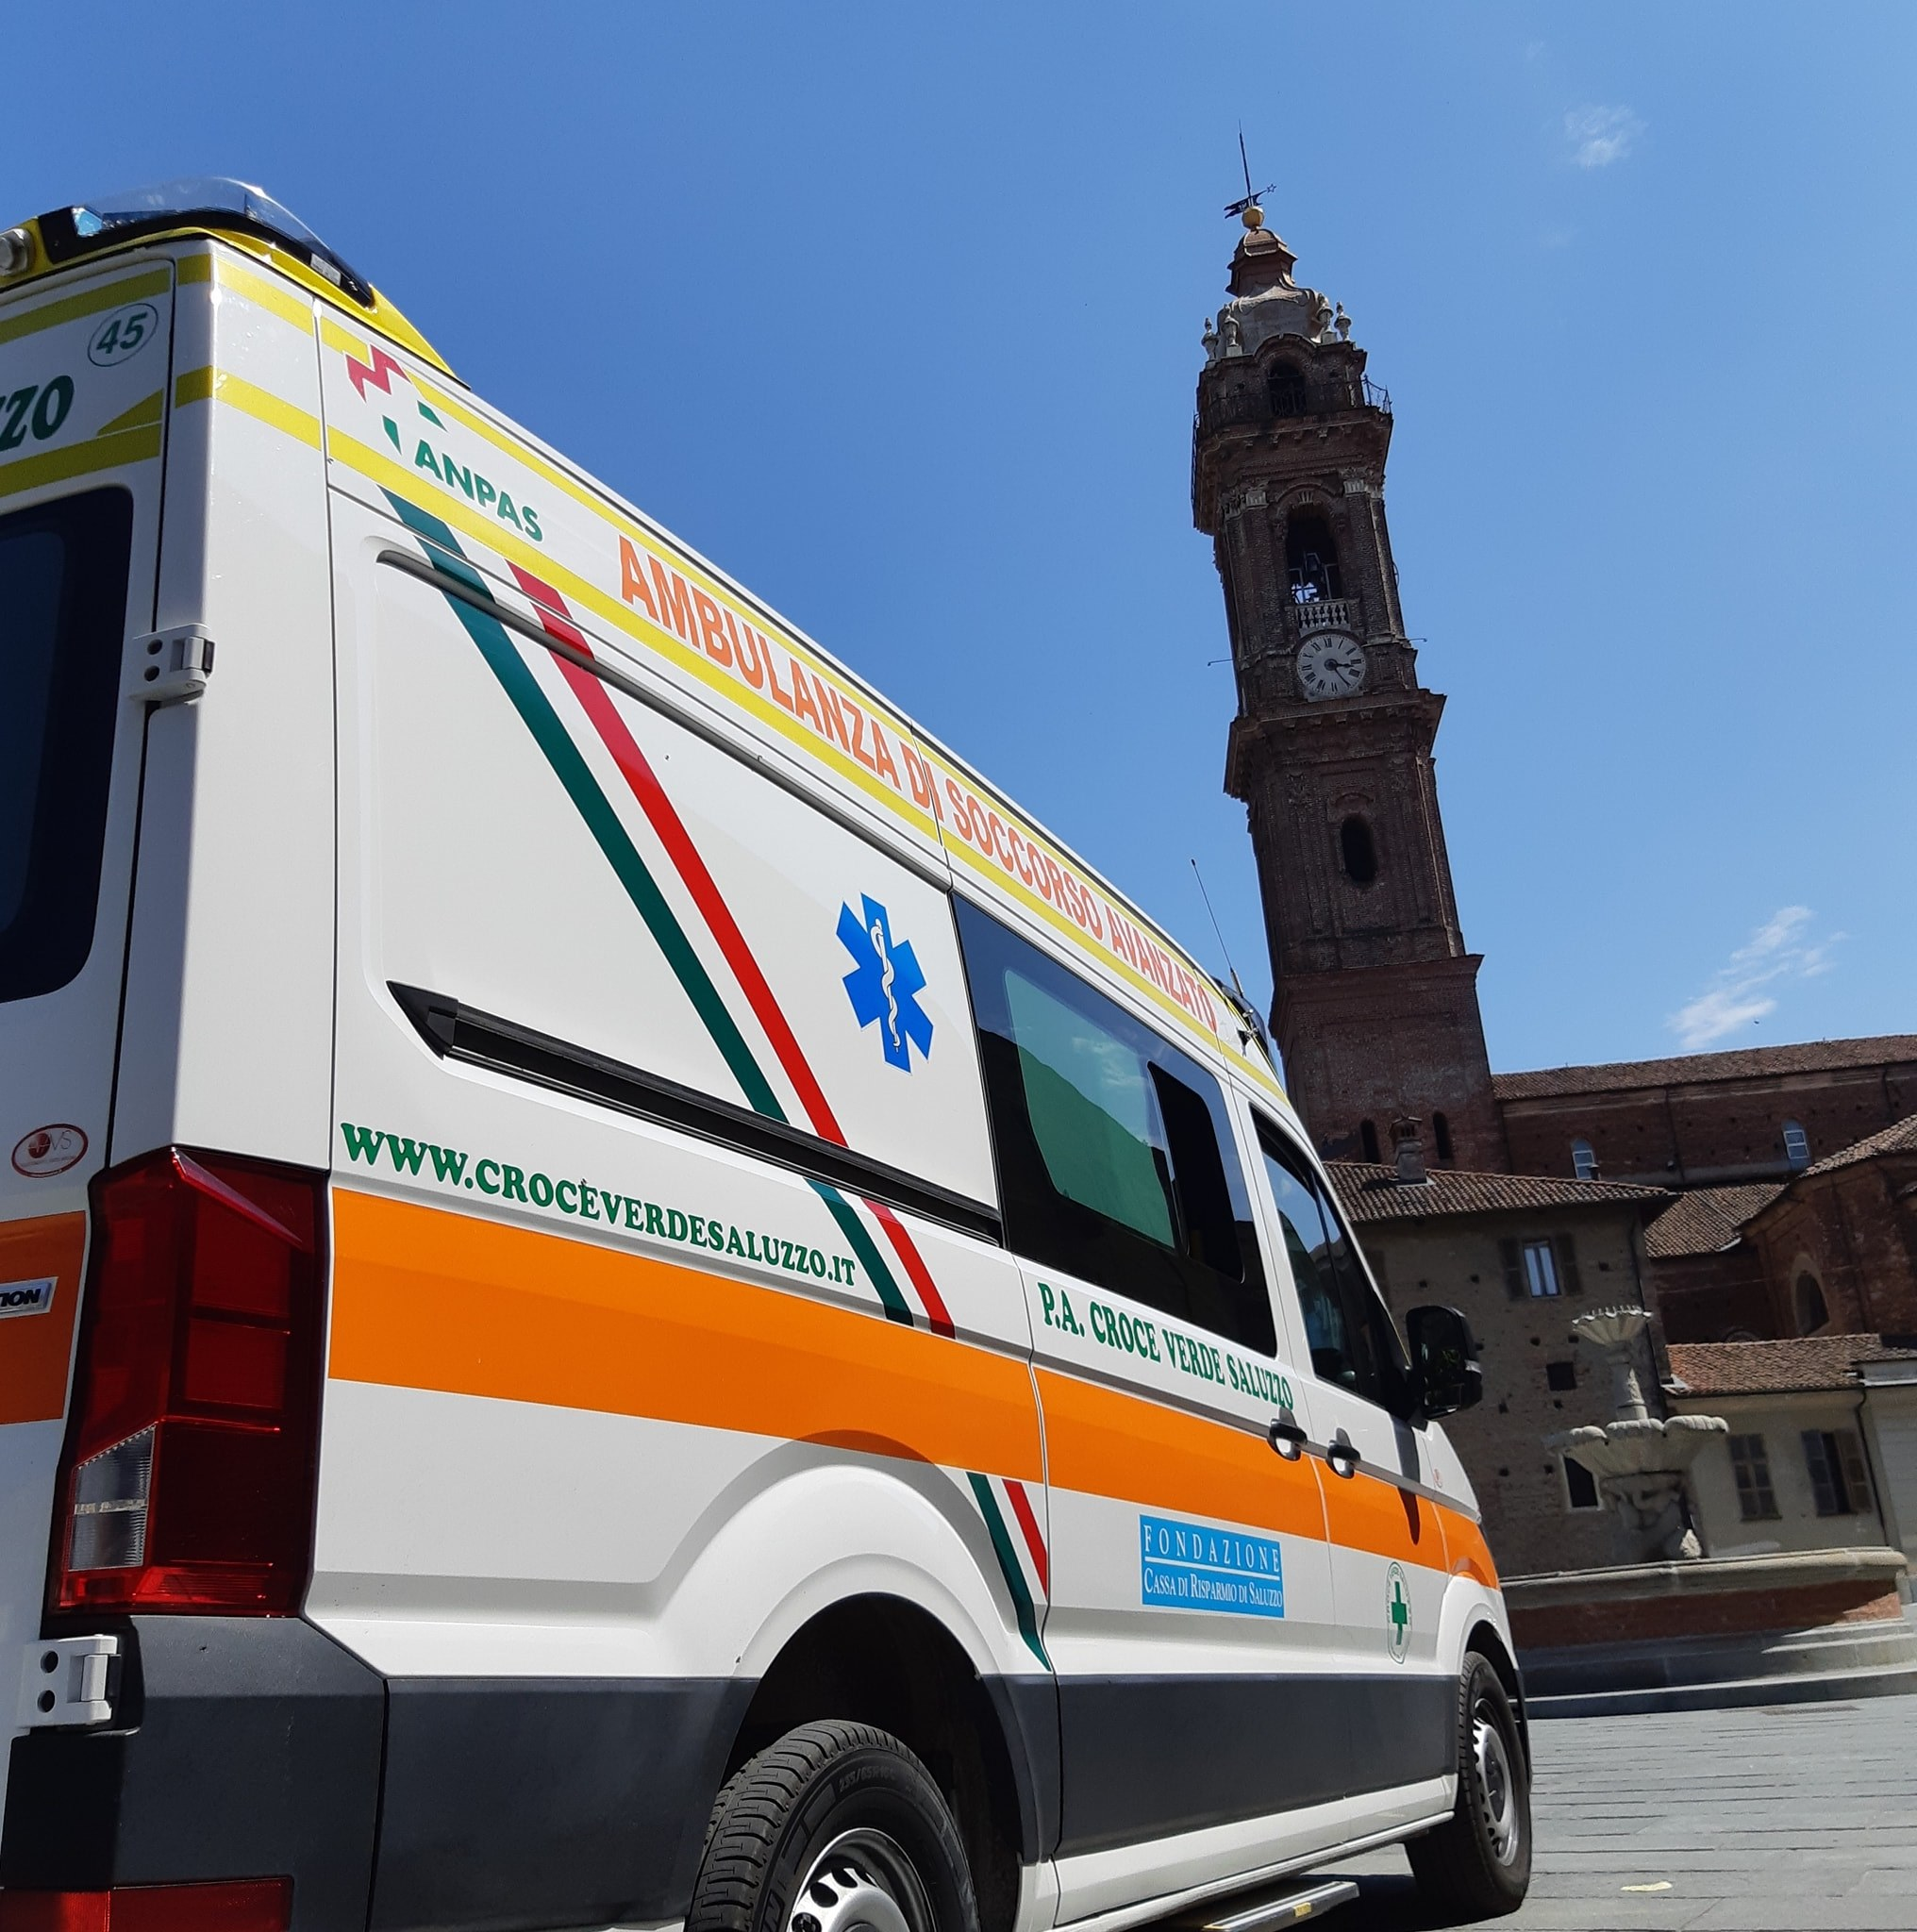 La Croce Verde riceve la cittadinanza onoraria di Saluzzo. Domenica 26 settembre la cerimonia